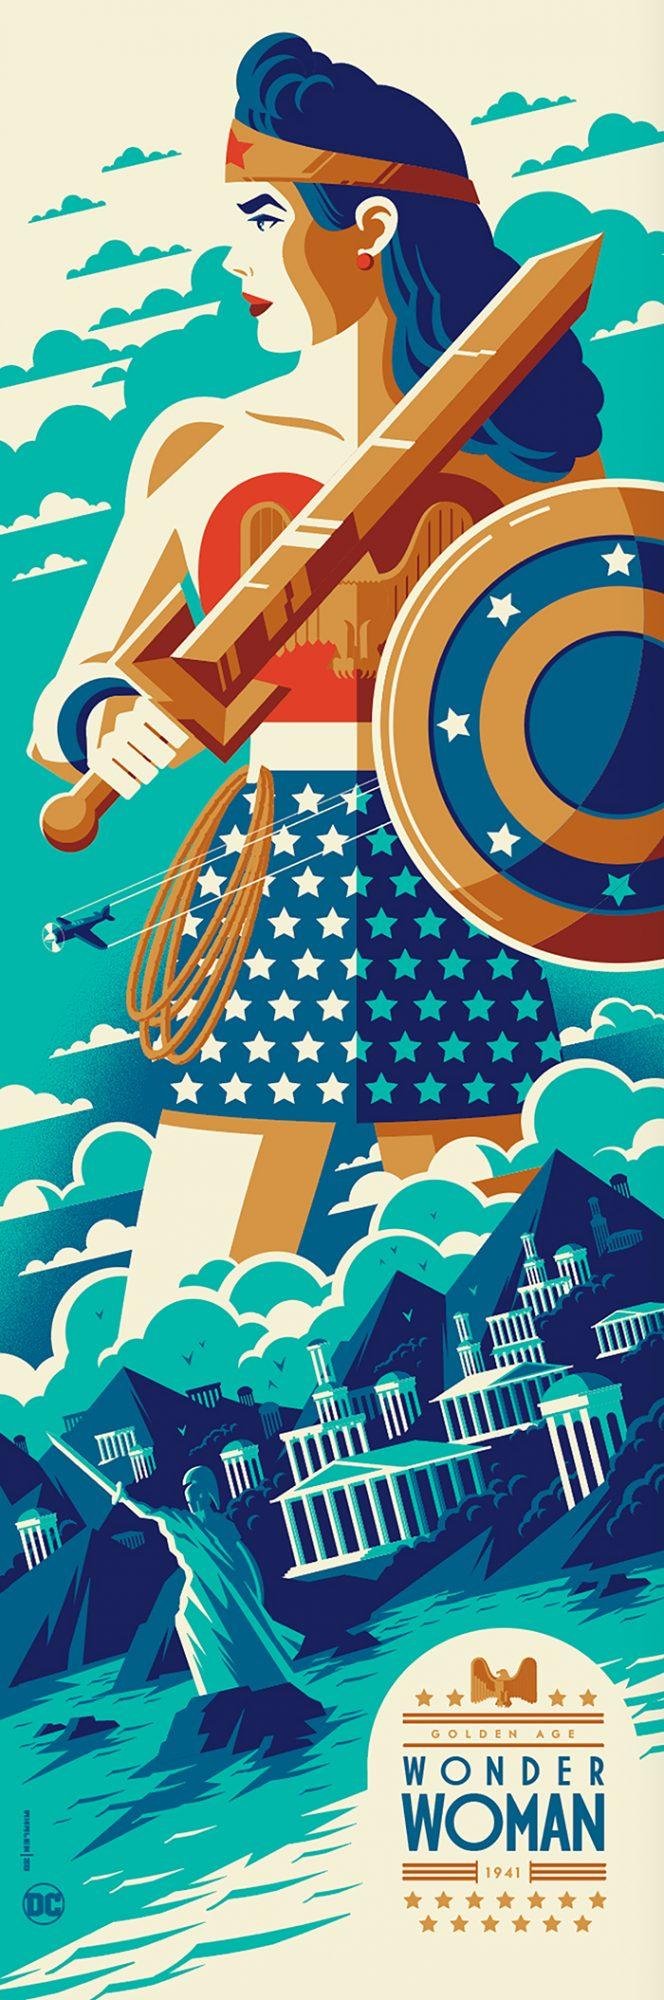 Golden Age: Wonder Woman - Tom Whalen (Variant)